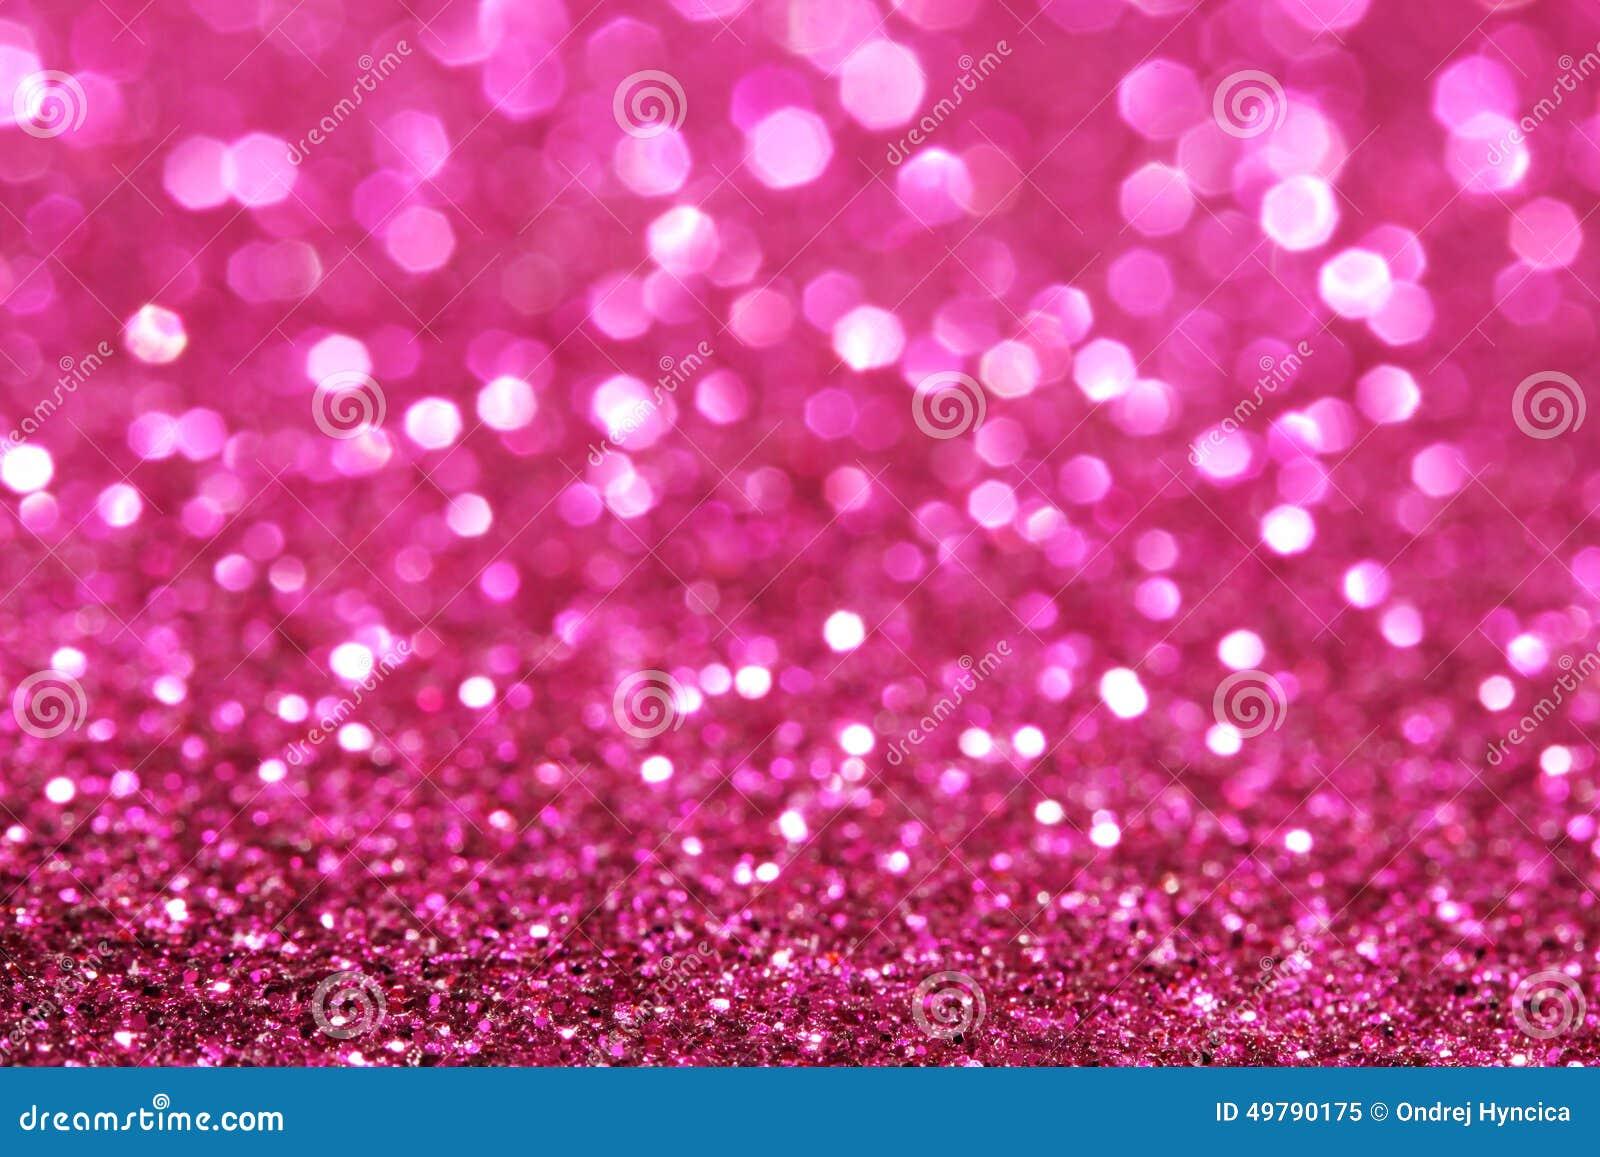 Hot Pink Christmas Lights